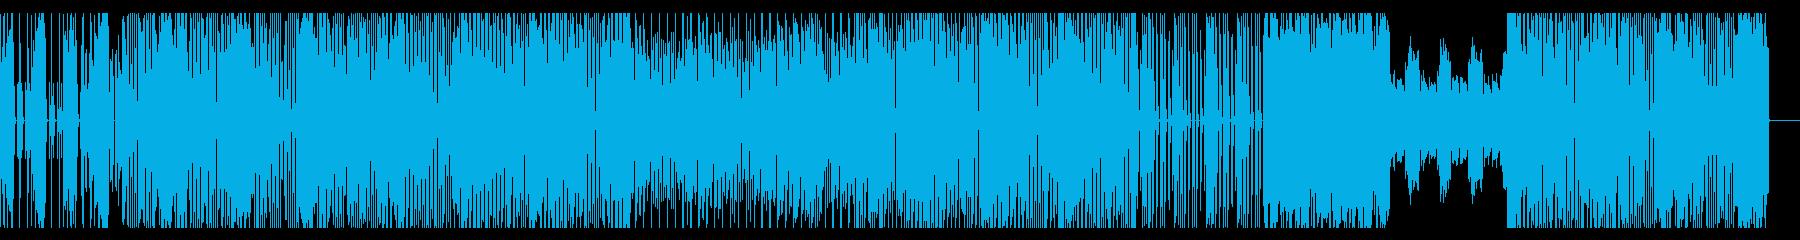 ファンキーなテクノBGMの再生済みの波形